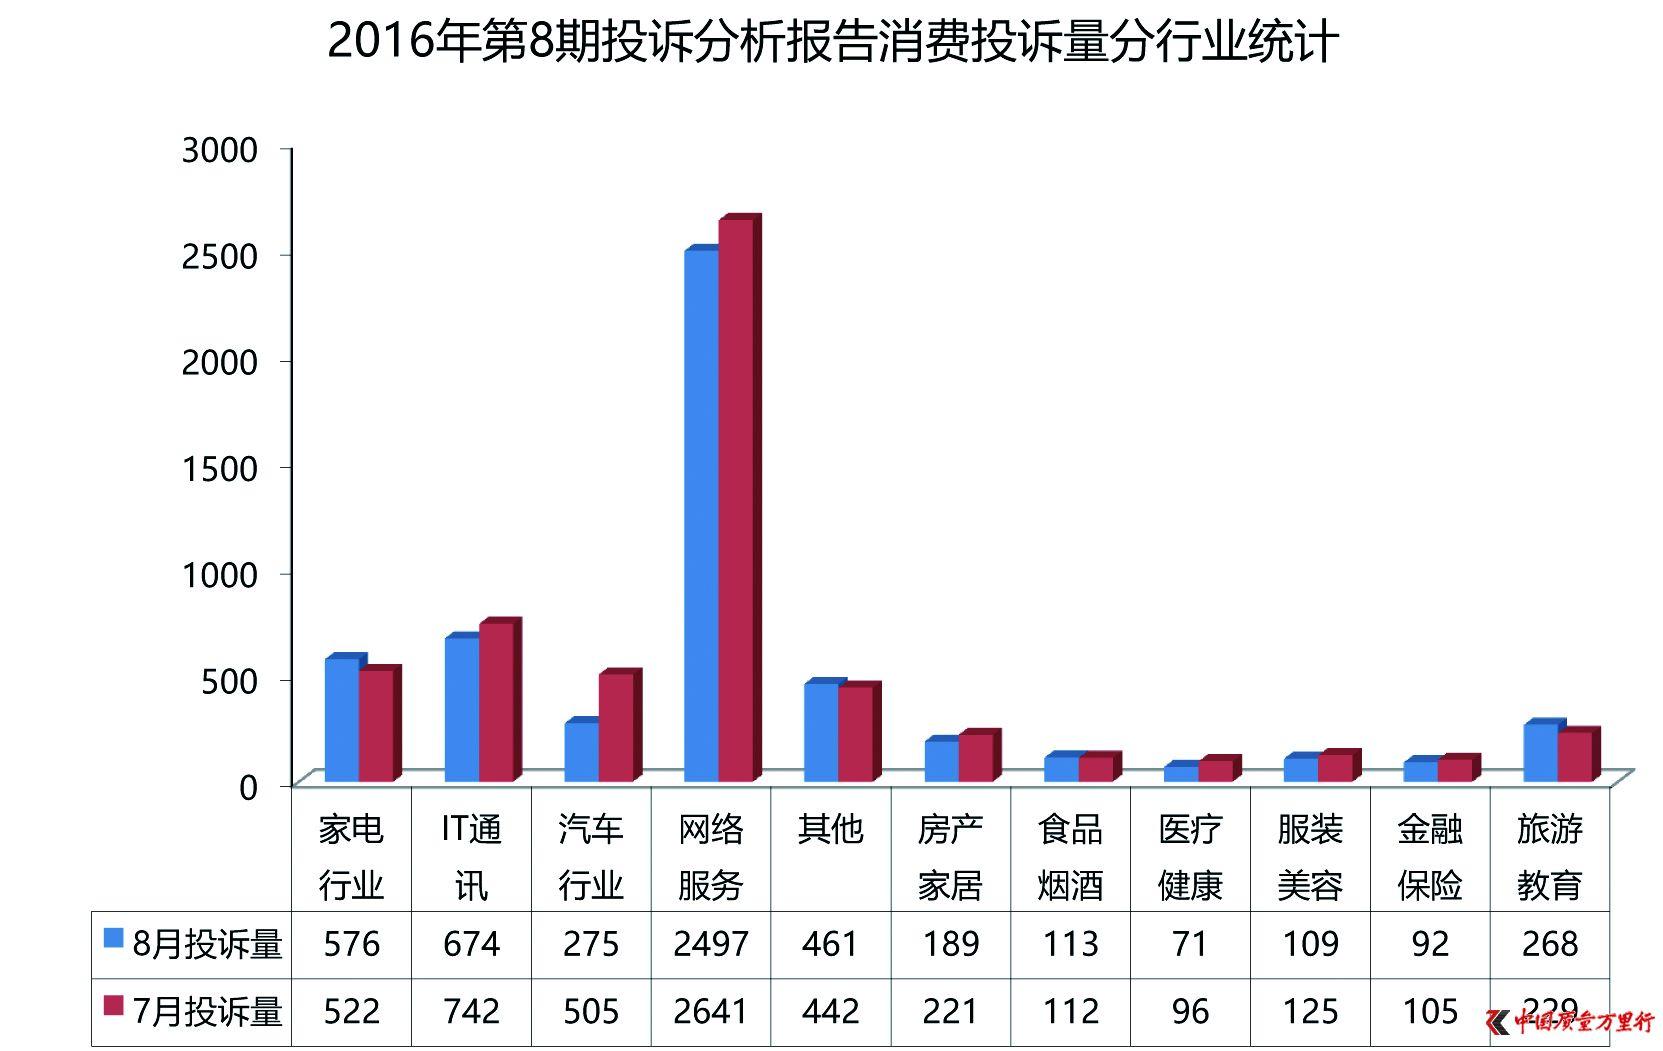 9期投诉报告:旅游投诉增幅居首 IT通讯类下降